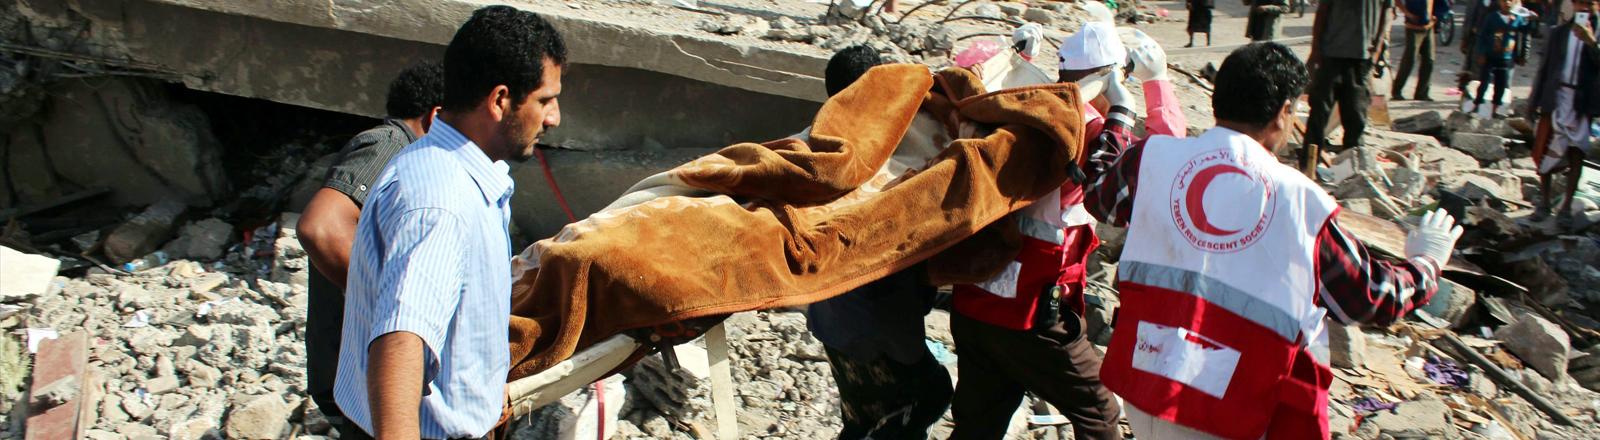 Helfer nach einem Luftangriff auf die jeminitische Stadt Ibb am 13.04.2015.